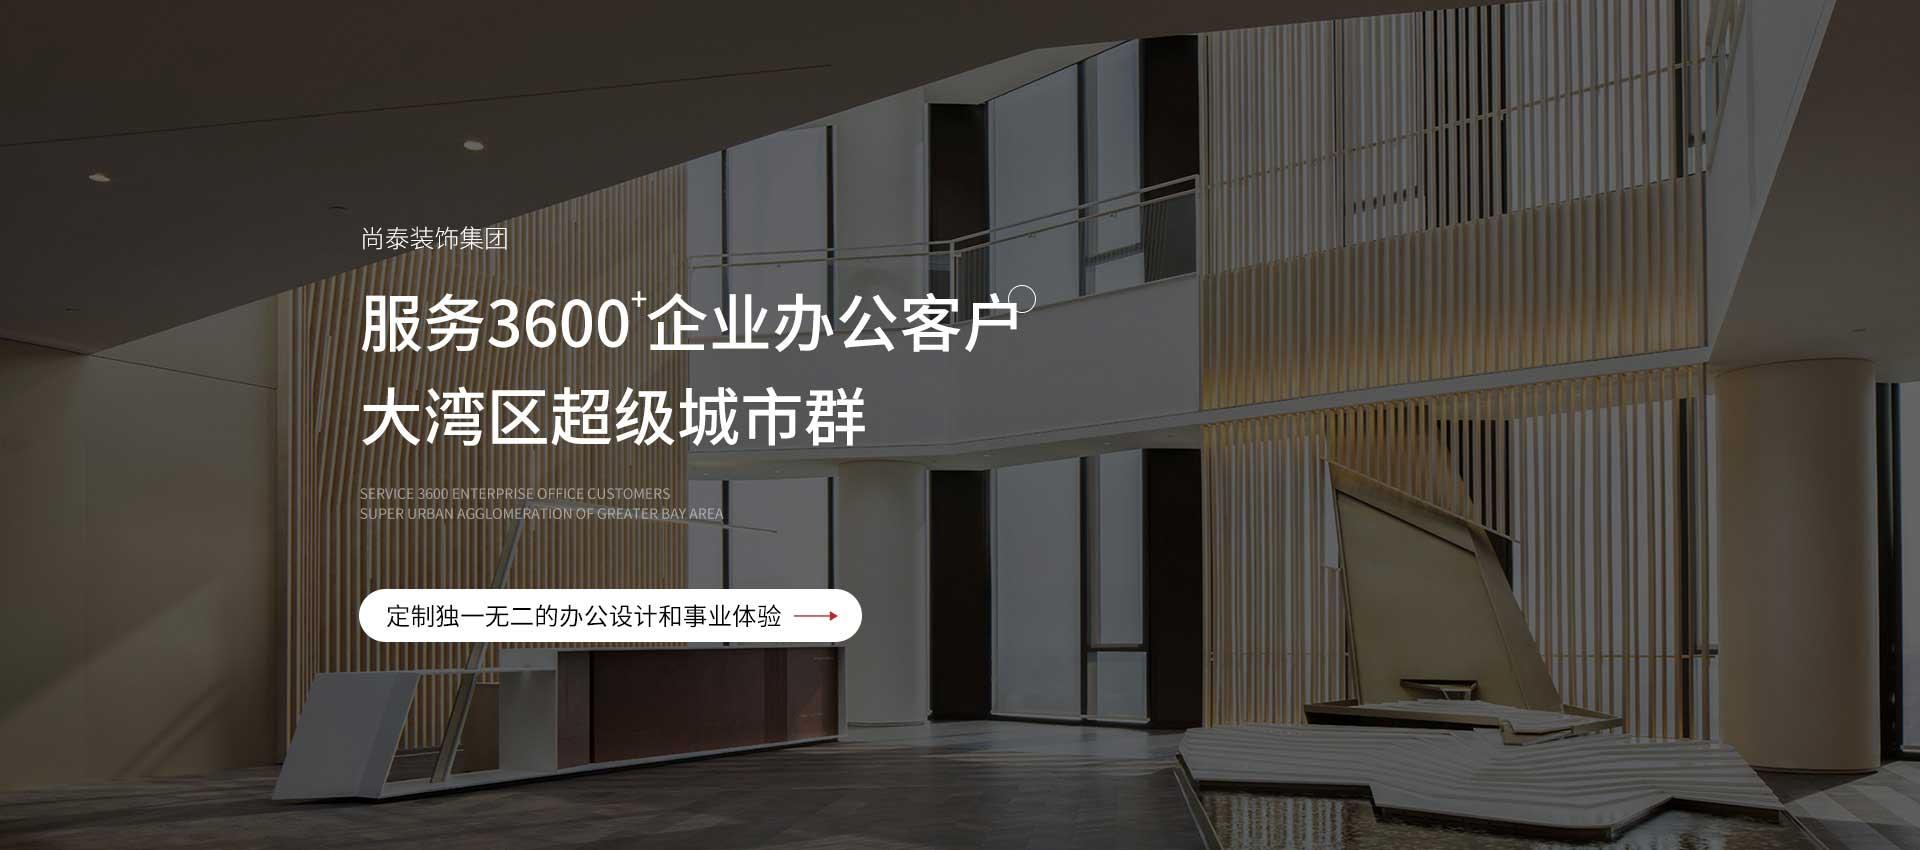 深圳办公室江苏11选5走势图下载公司